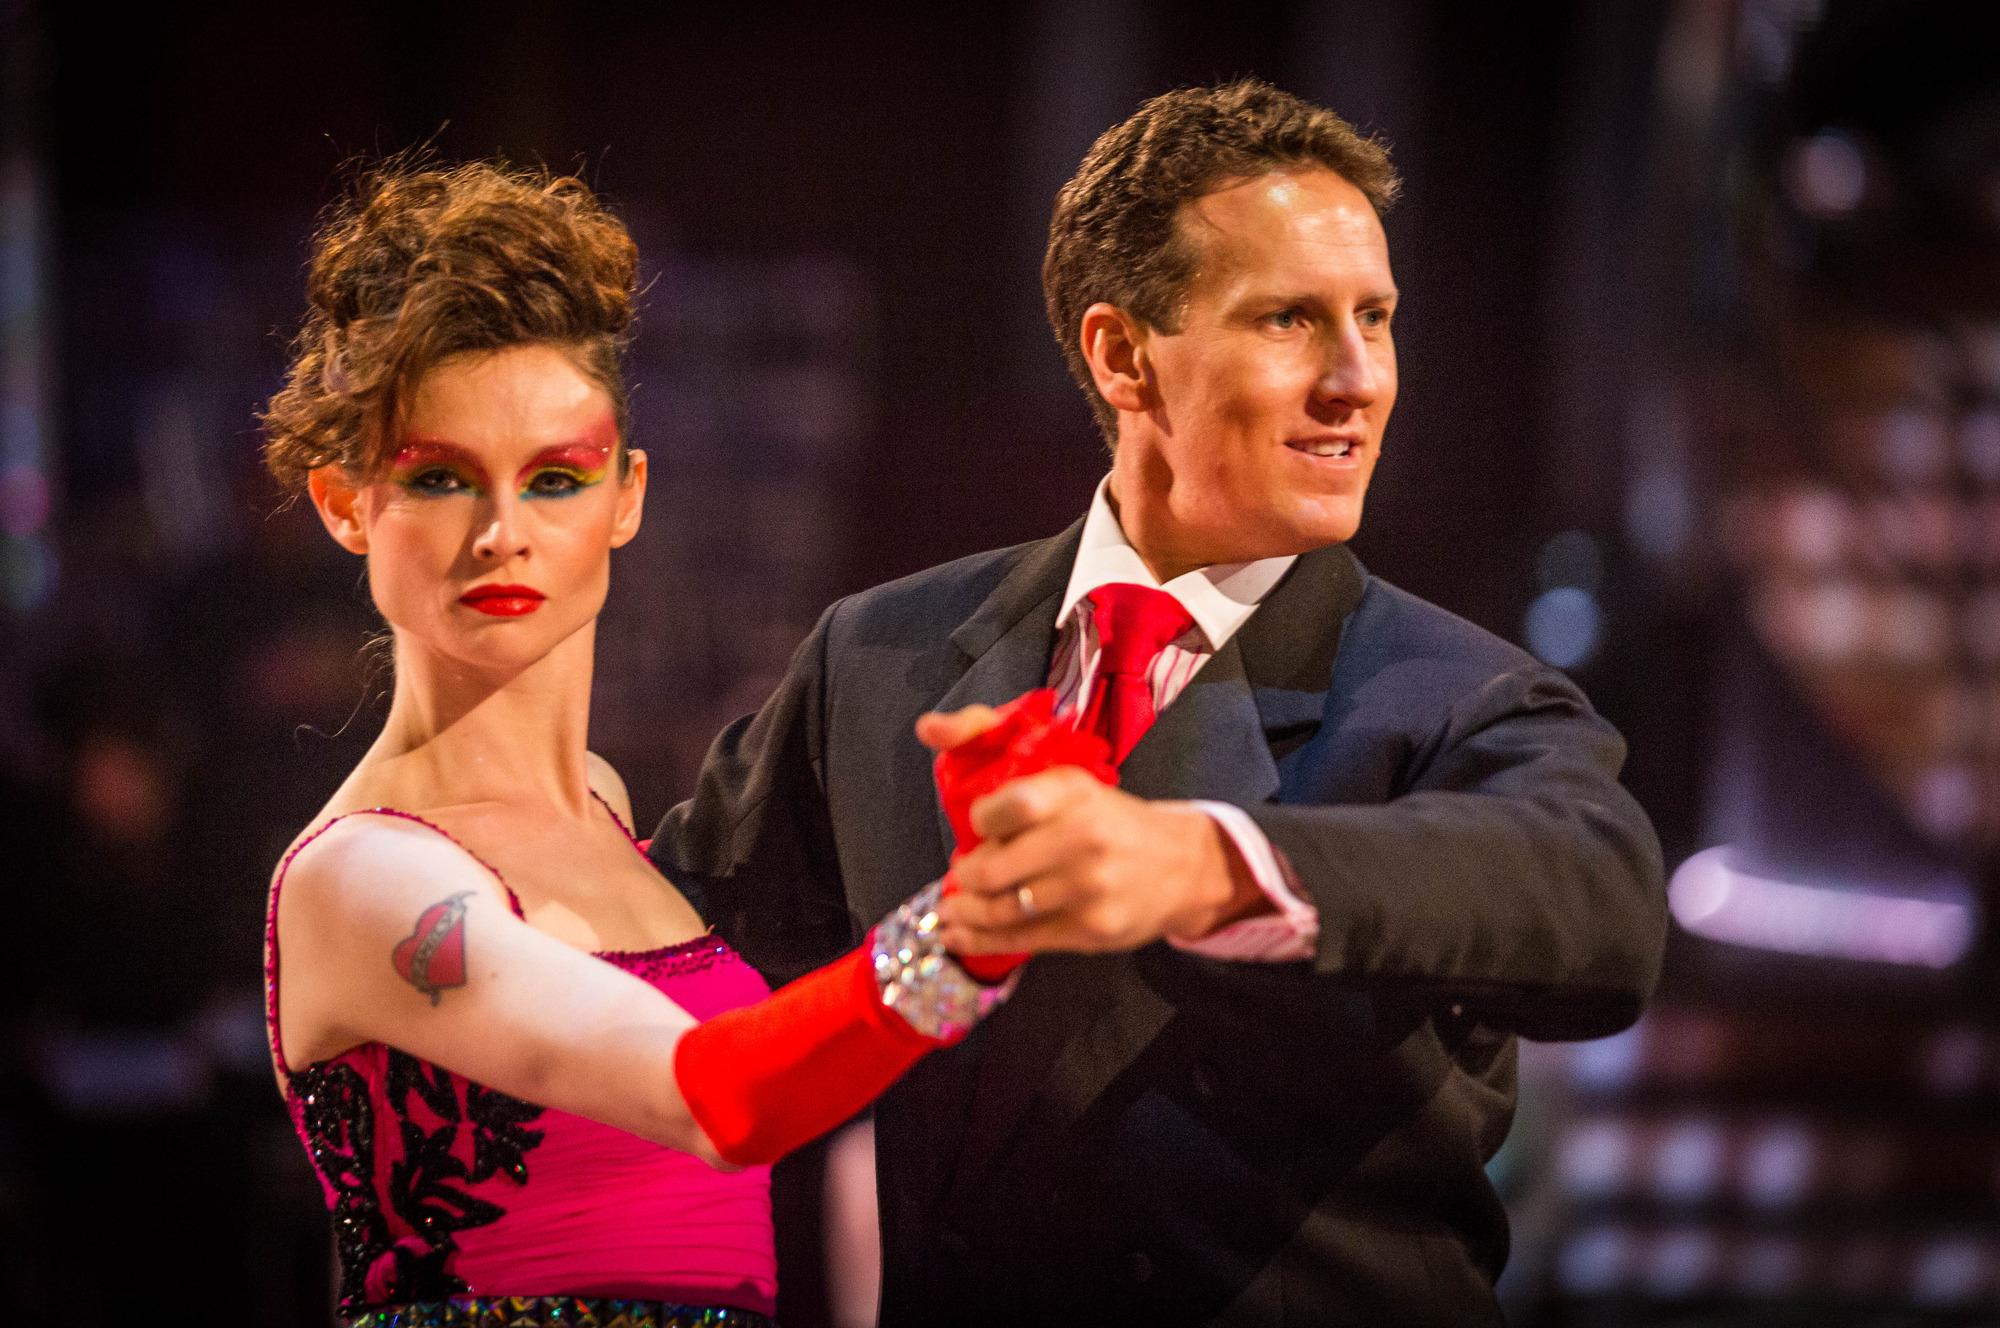 L - R Sophie Ellis-Bextor, Brendan Cole - (C) BBC - Photographer: Guy Levy